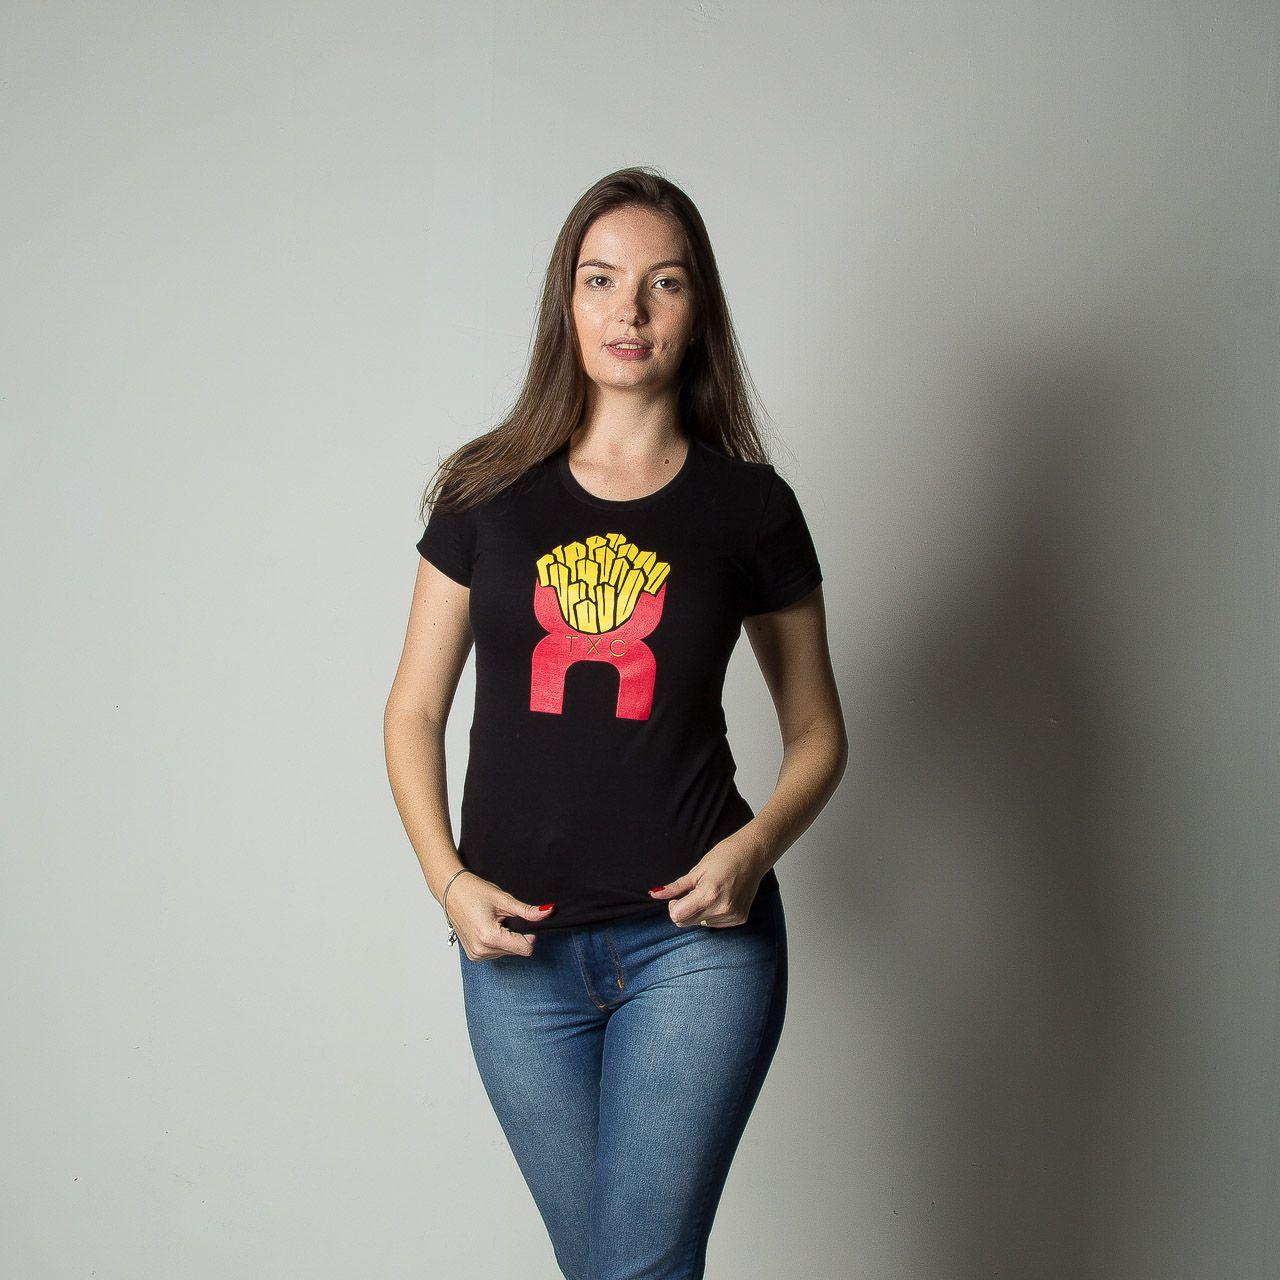 Camiseta Feminina TXC 4407